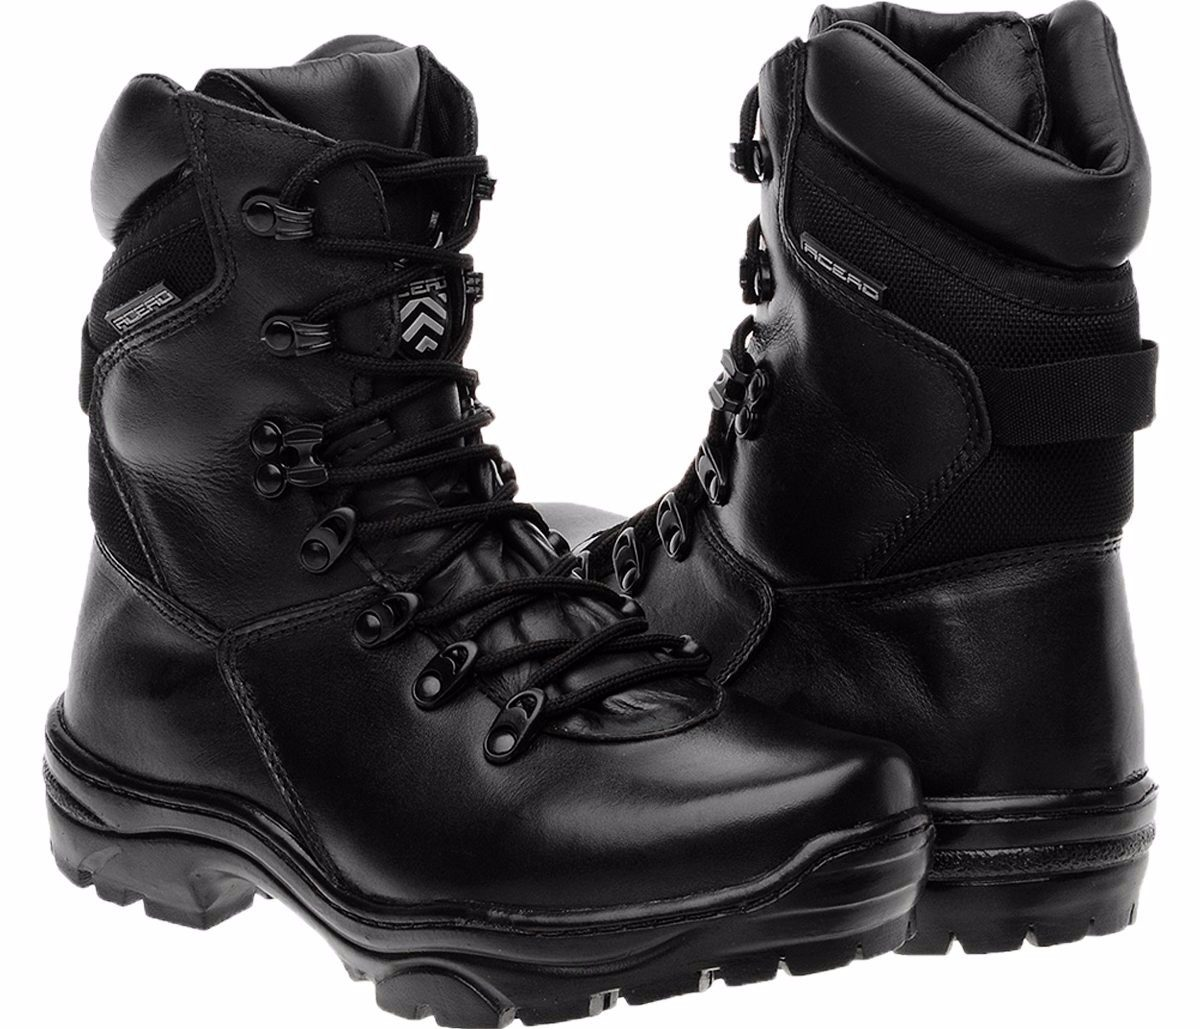 71324bb4b6 bota masculina coturno cano médio militar couro acero dhl. Carregando zoom.